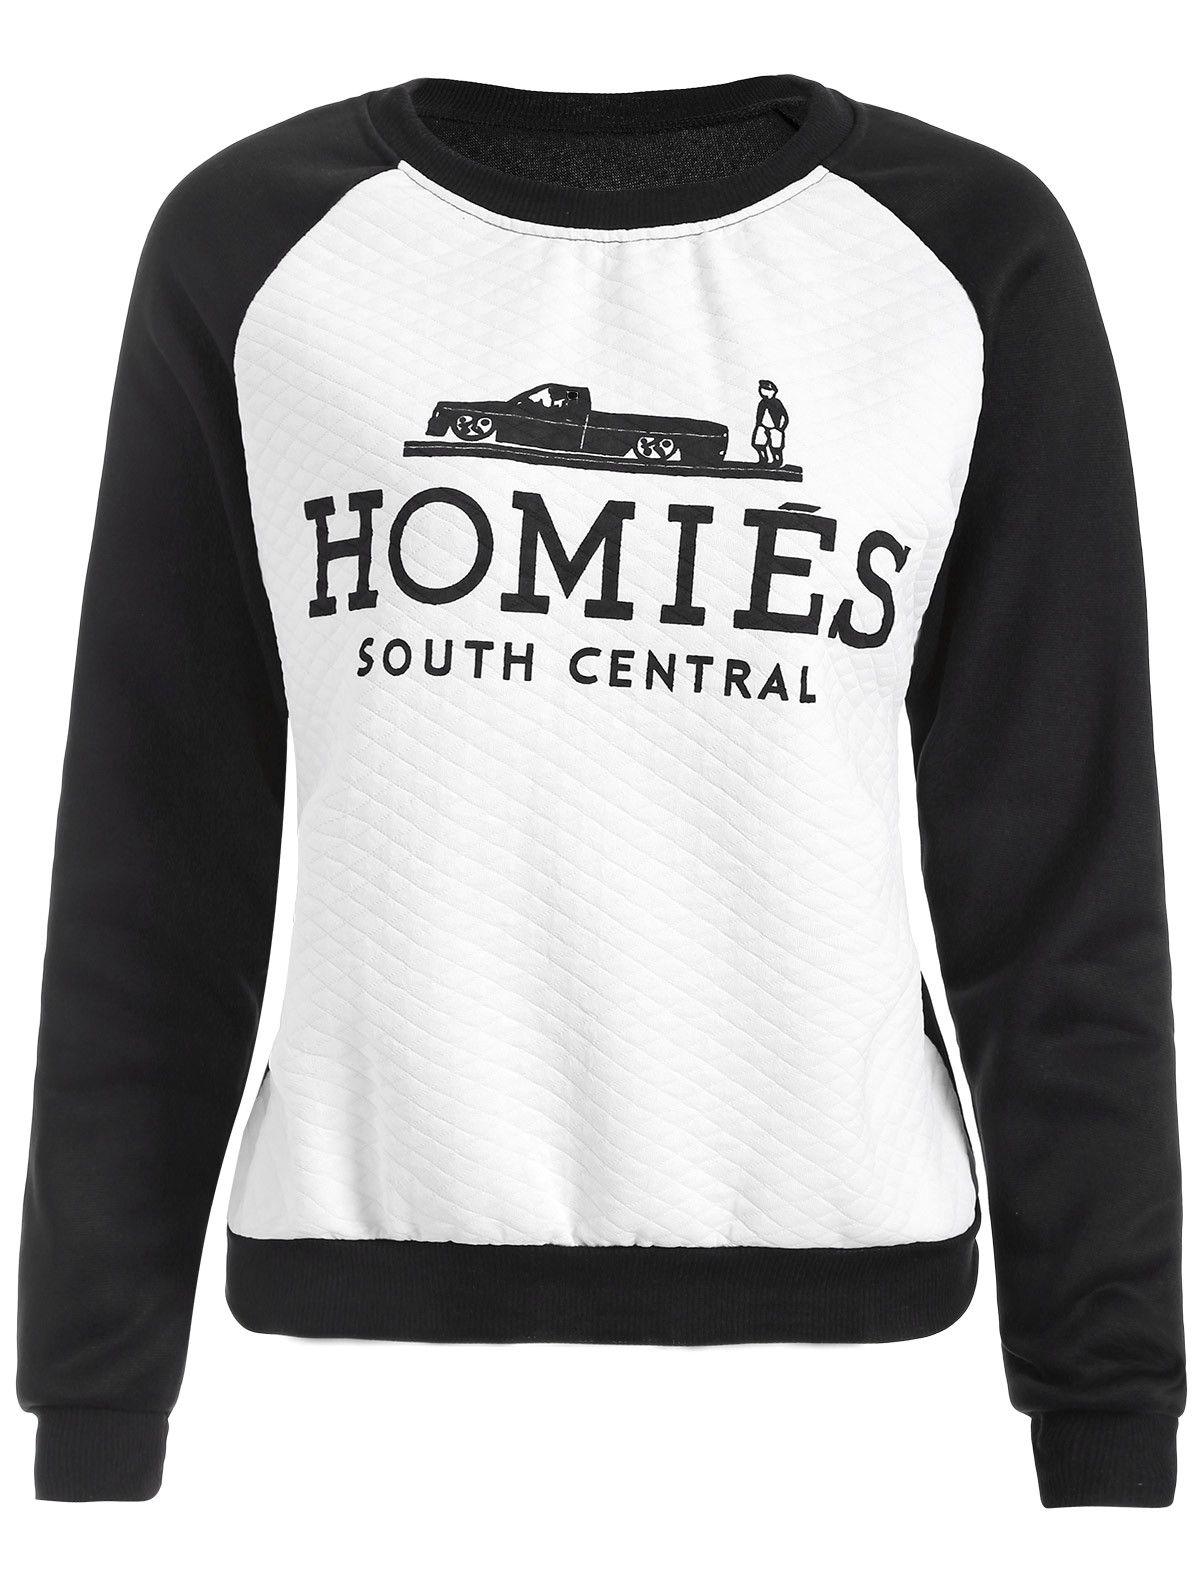 30e9aad00 $11.49 Raglan Sleeve Color Block Homies Cartoon Print Sweatshirt ...